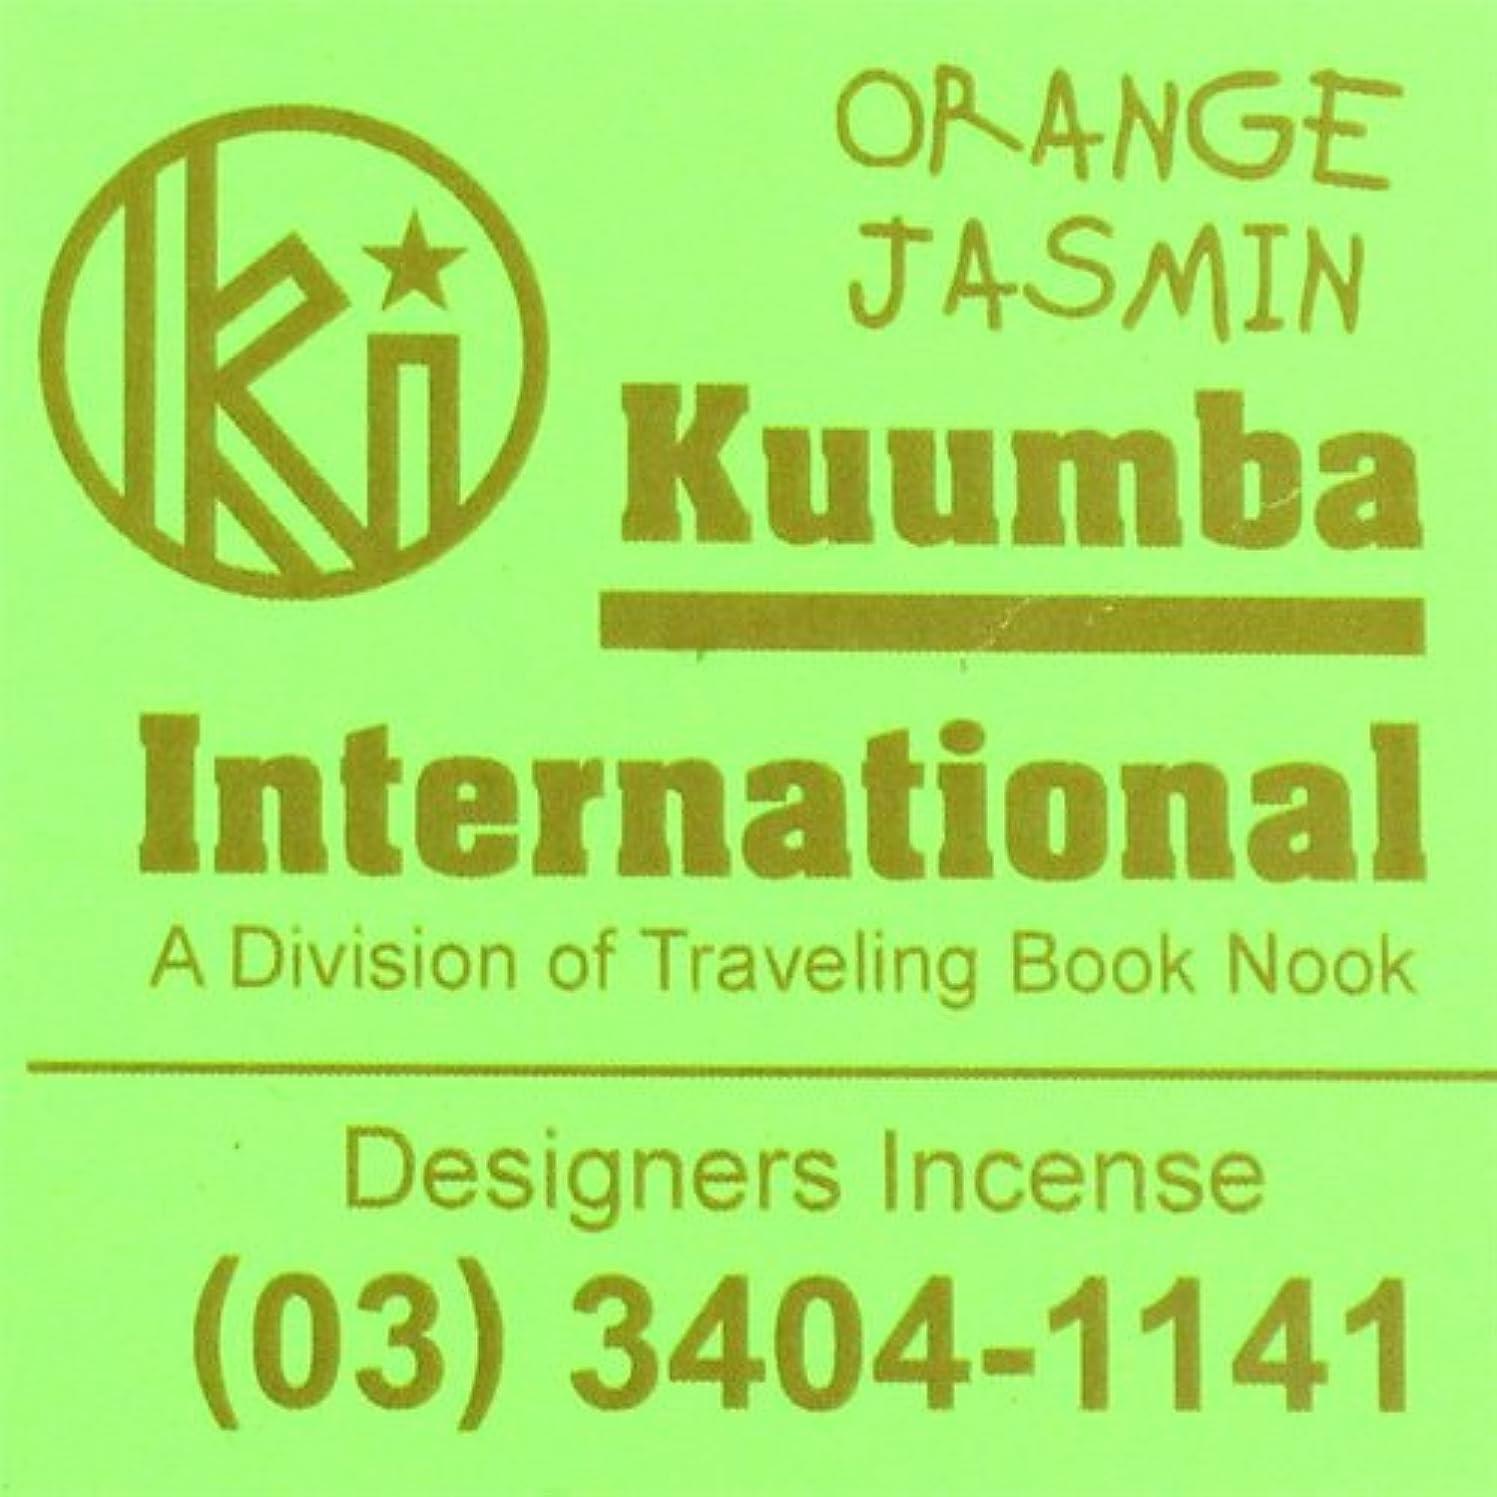 鋭くなにダルセットKUUMBA / クンバ『incense』(ORANGE JASMINE) (Regular size)